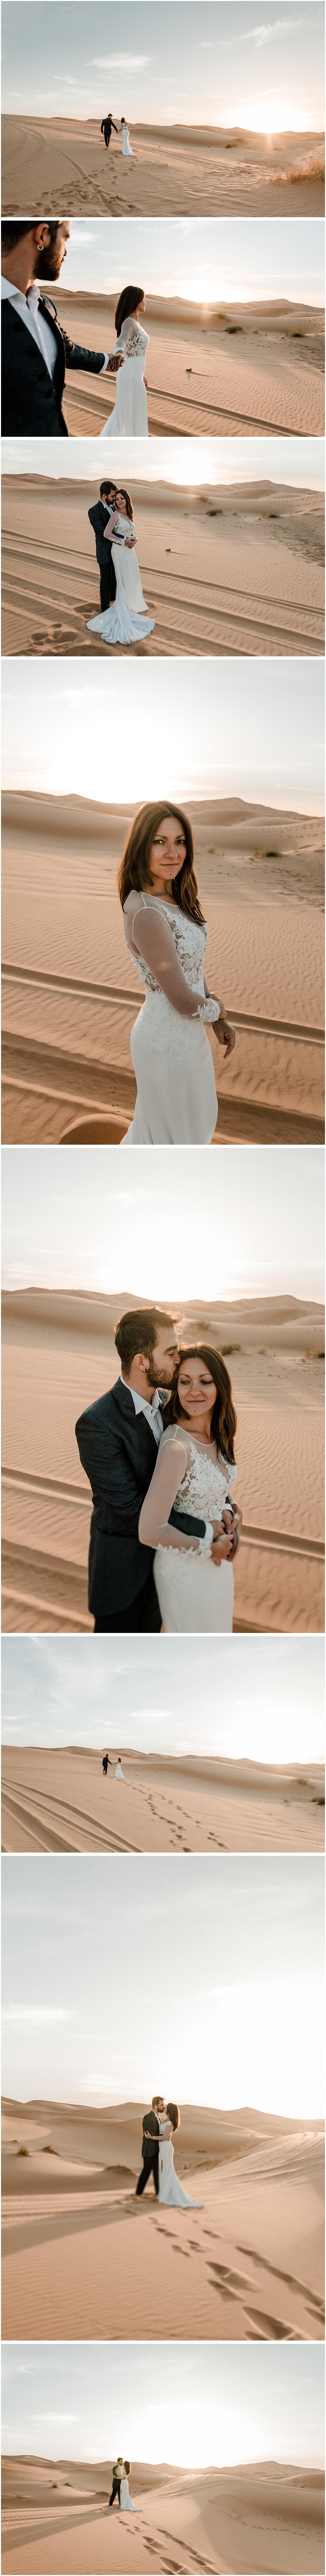 fotos de postboda en el desierto del sáhara